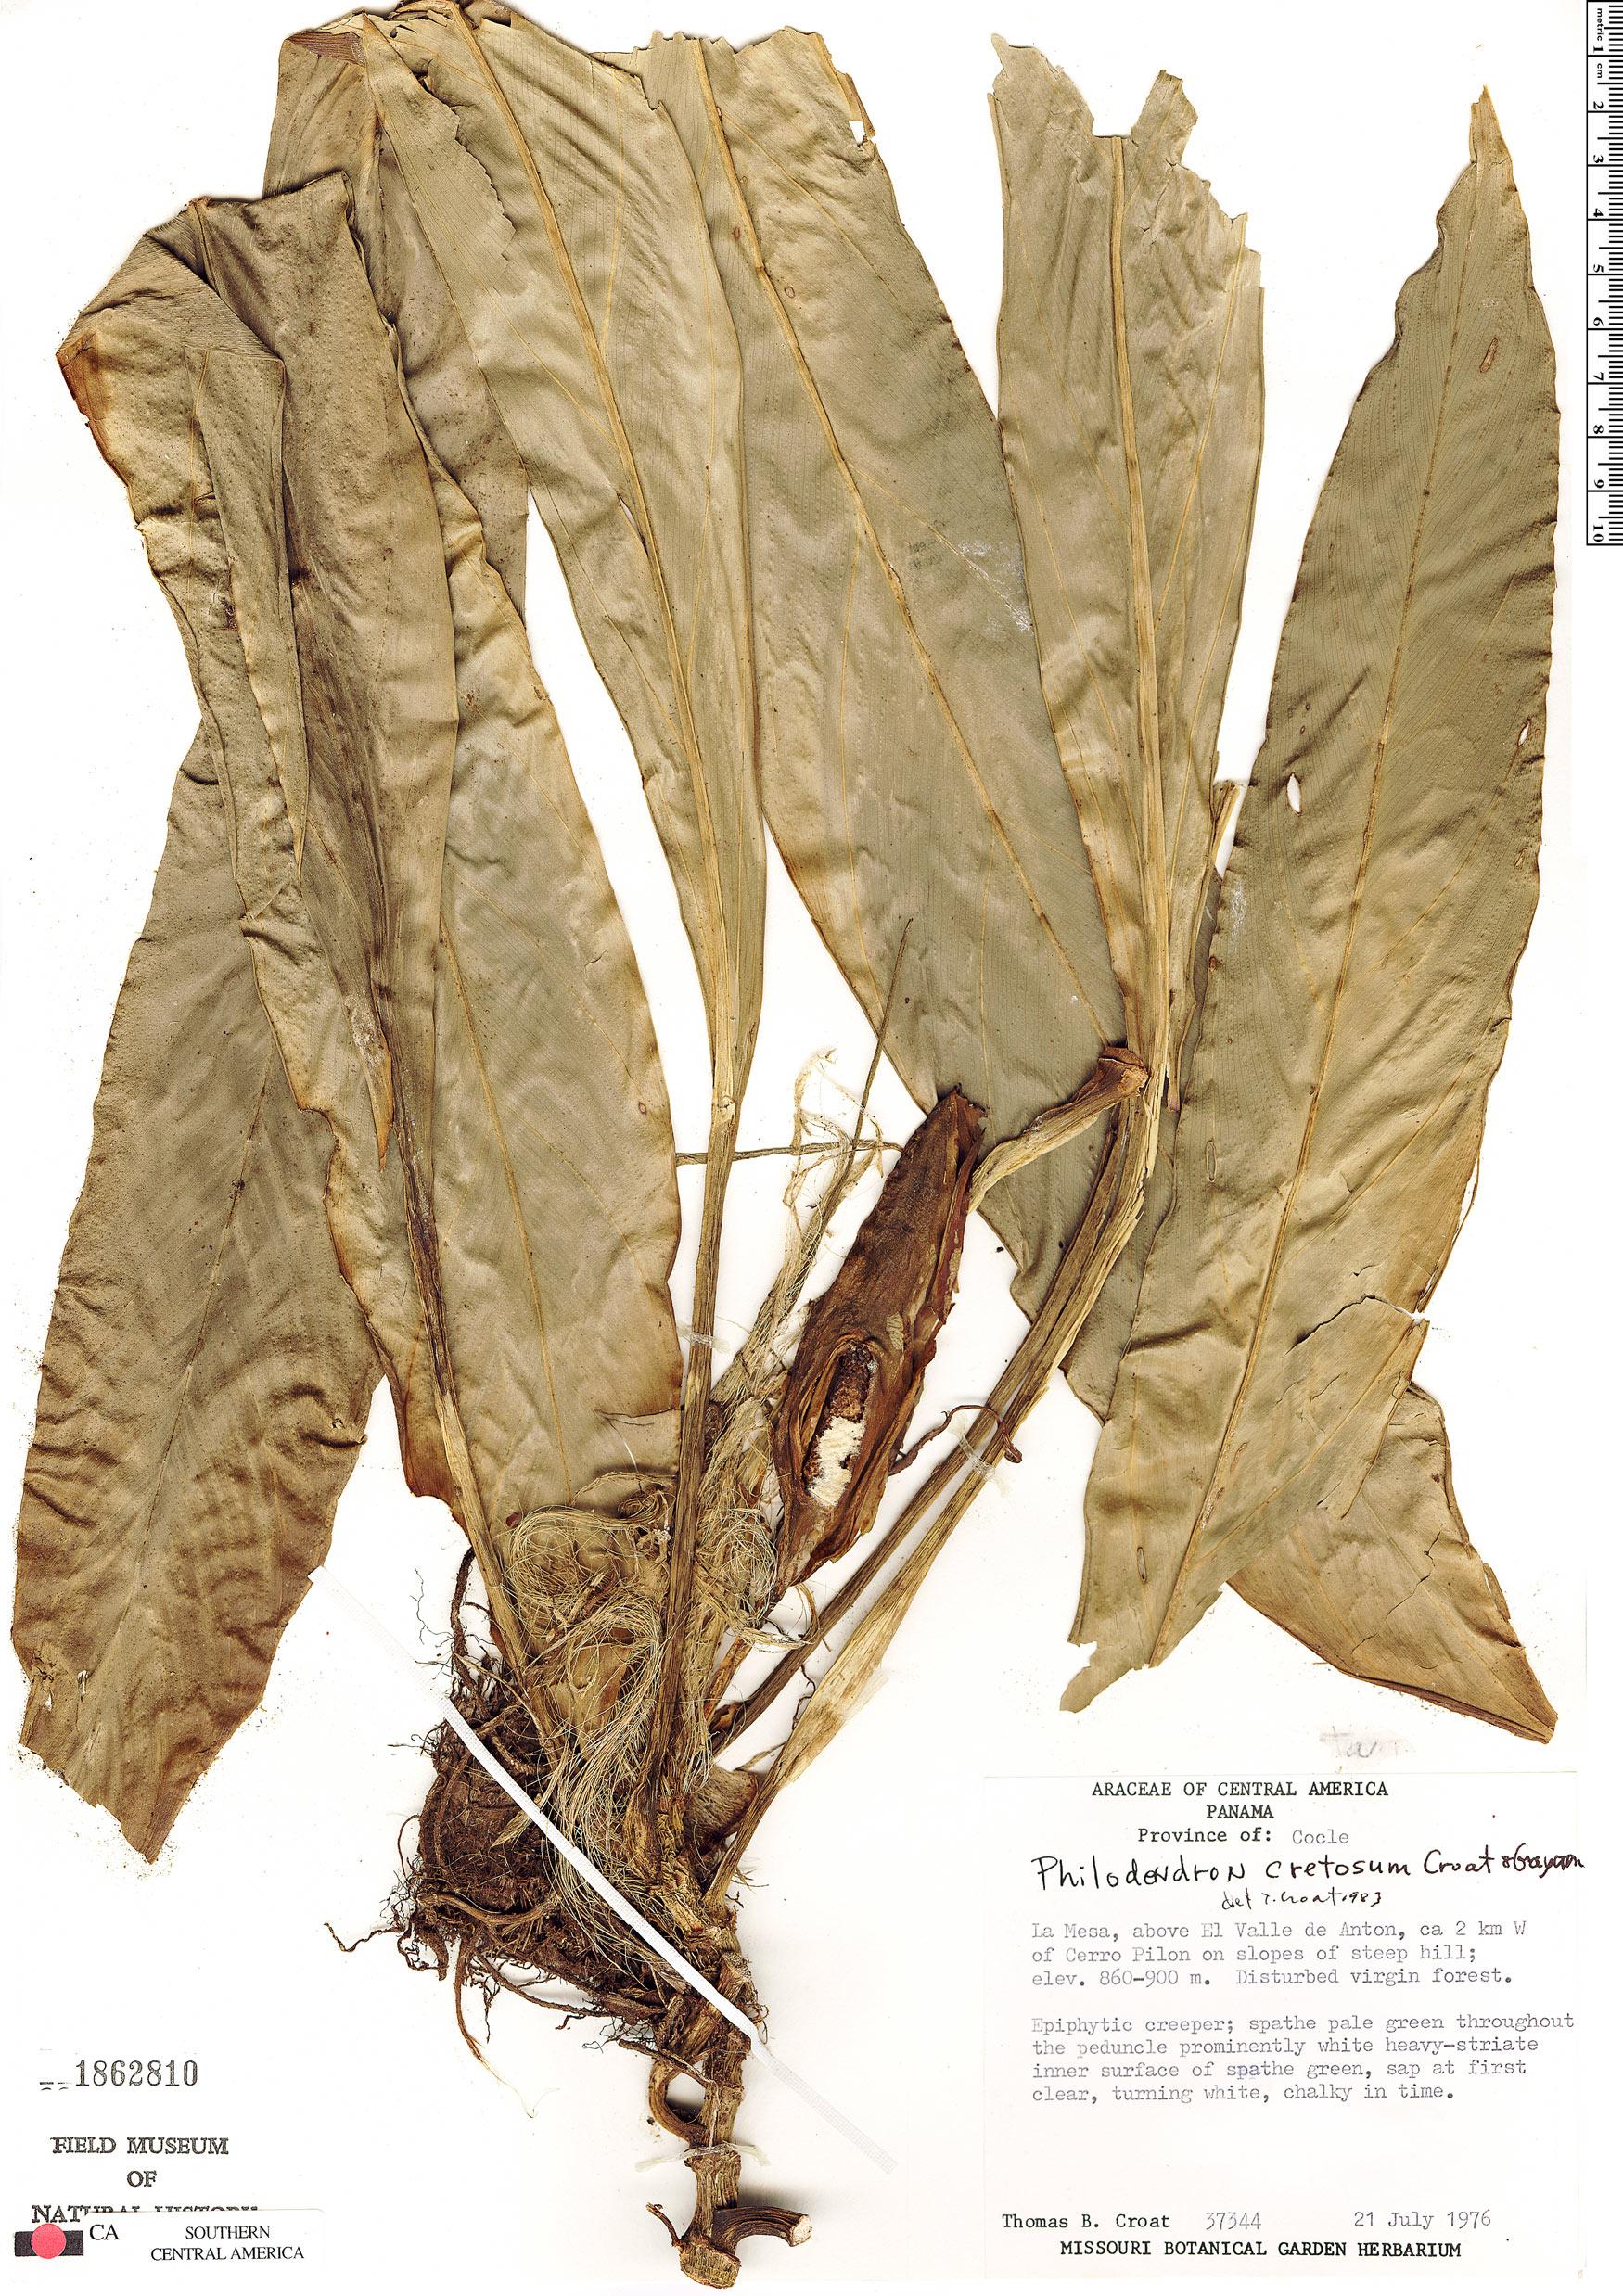 Specimen: Philodendron cretosum